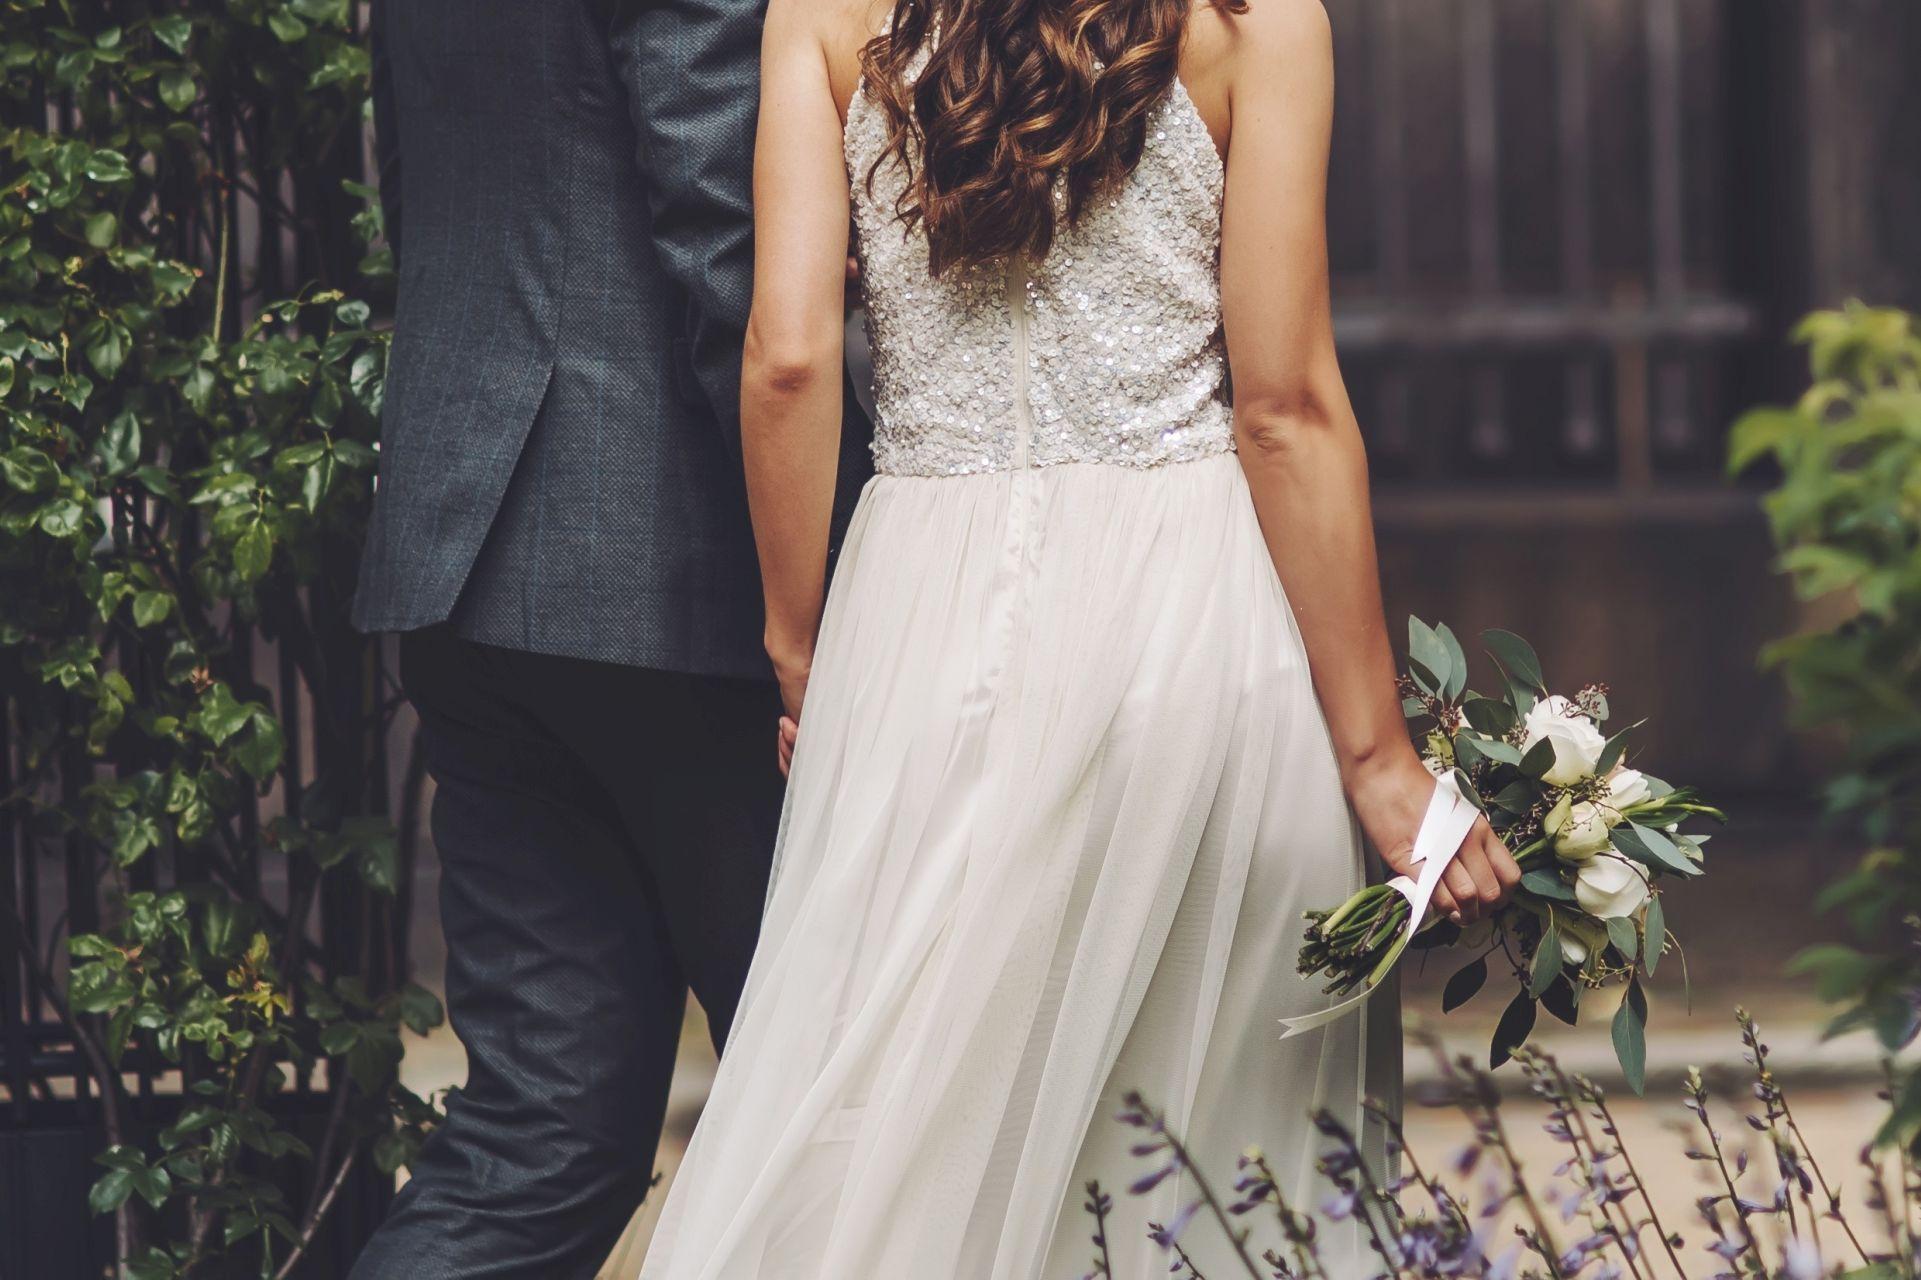 Seguro de cancelación de bodas y eventos privados